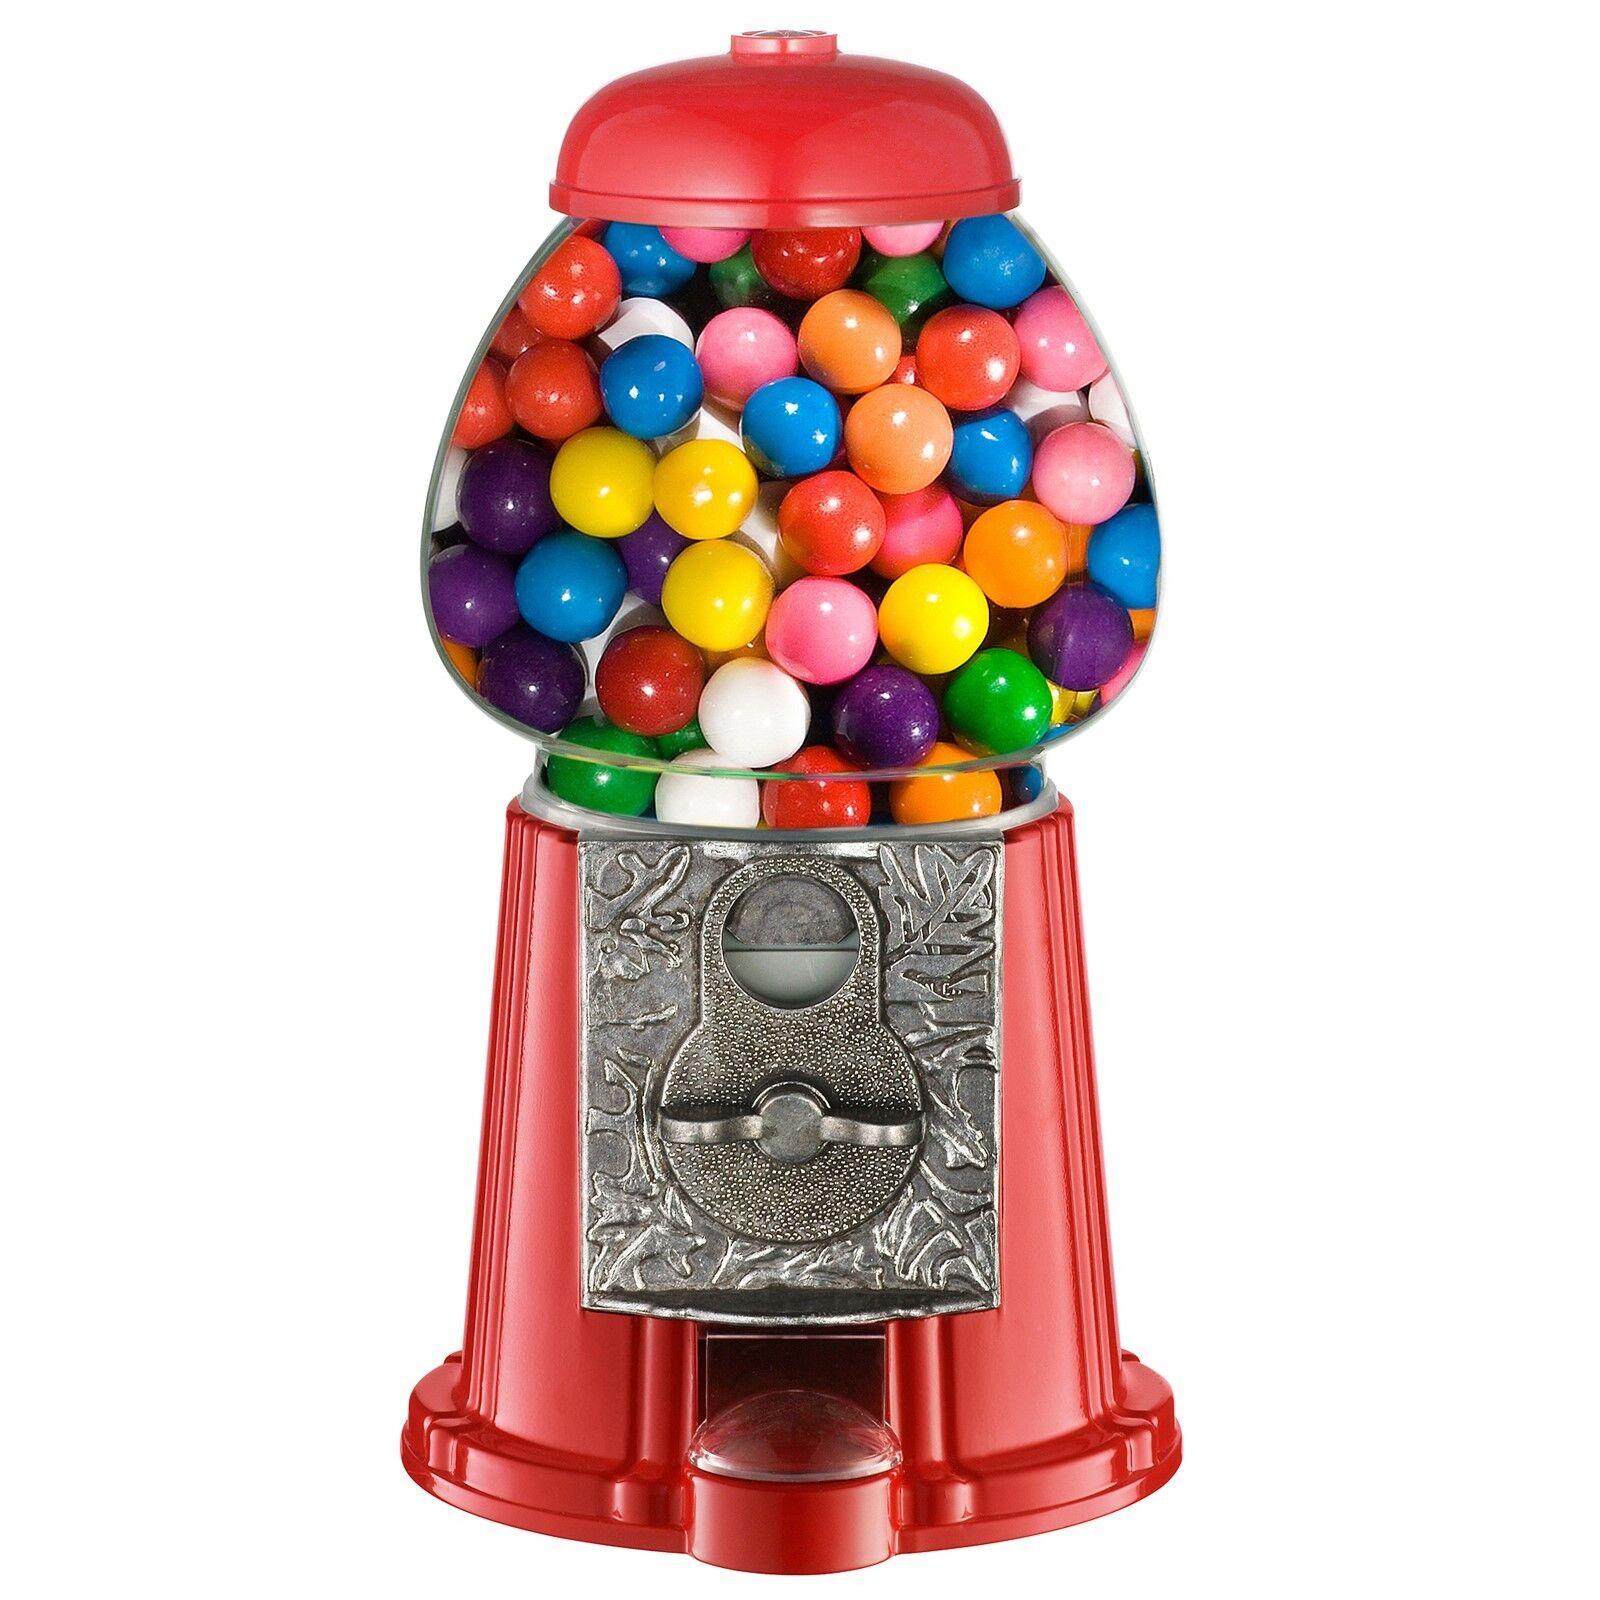 автомат для конфет картинки сцепные характеристики